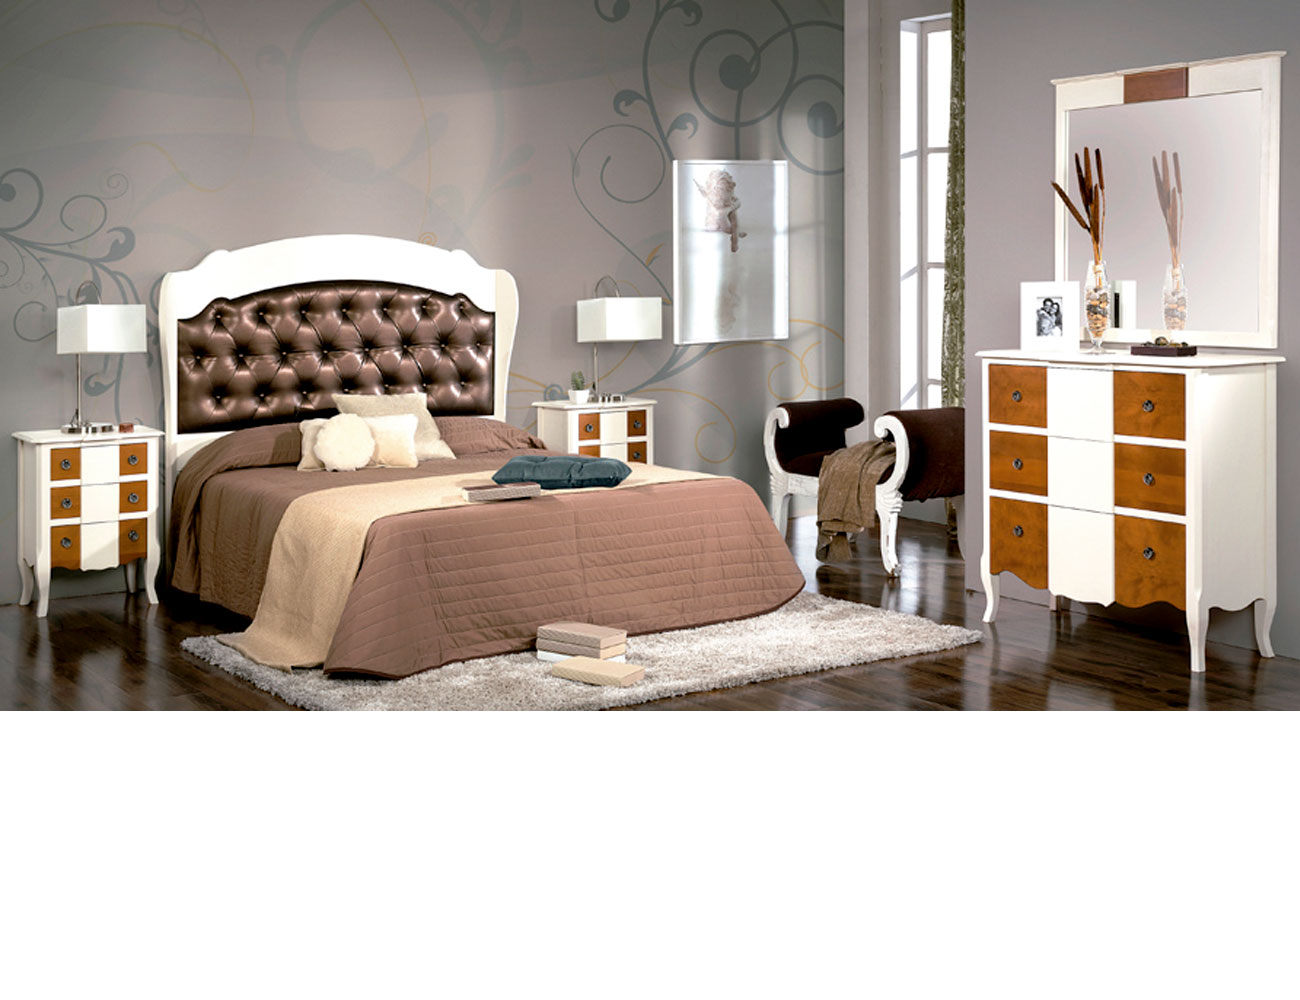 Dormitorio matrimonio cabecero tapizado polipiel comoda1